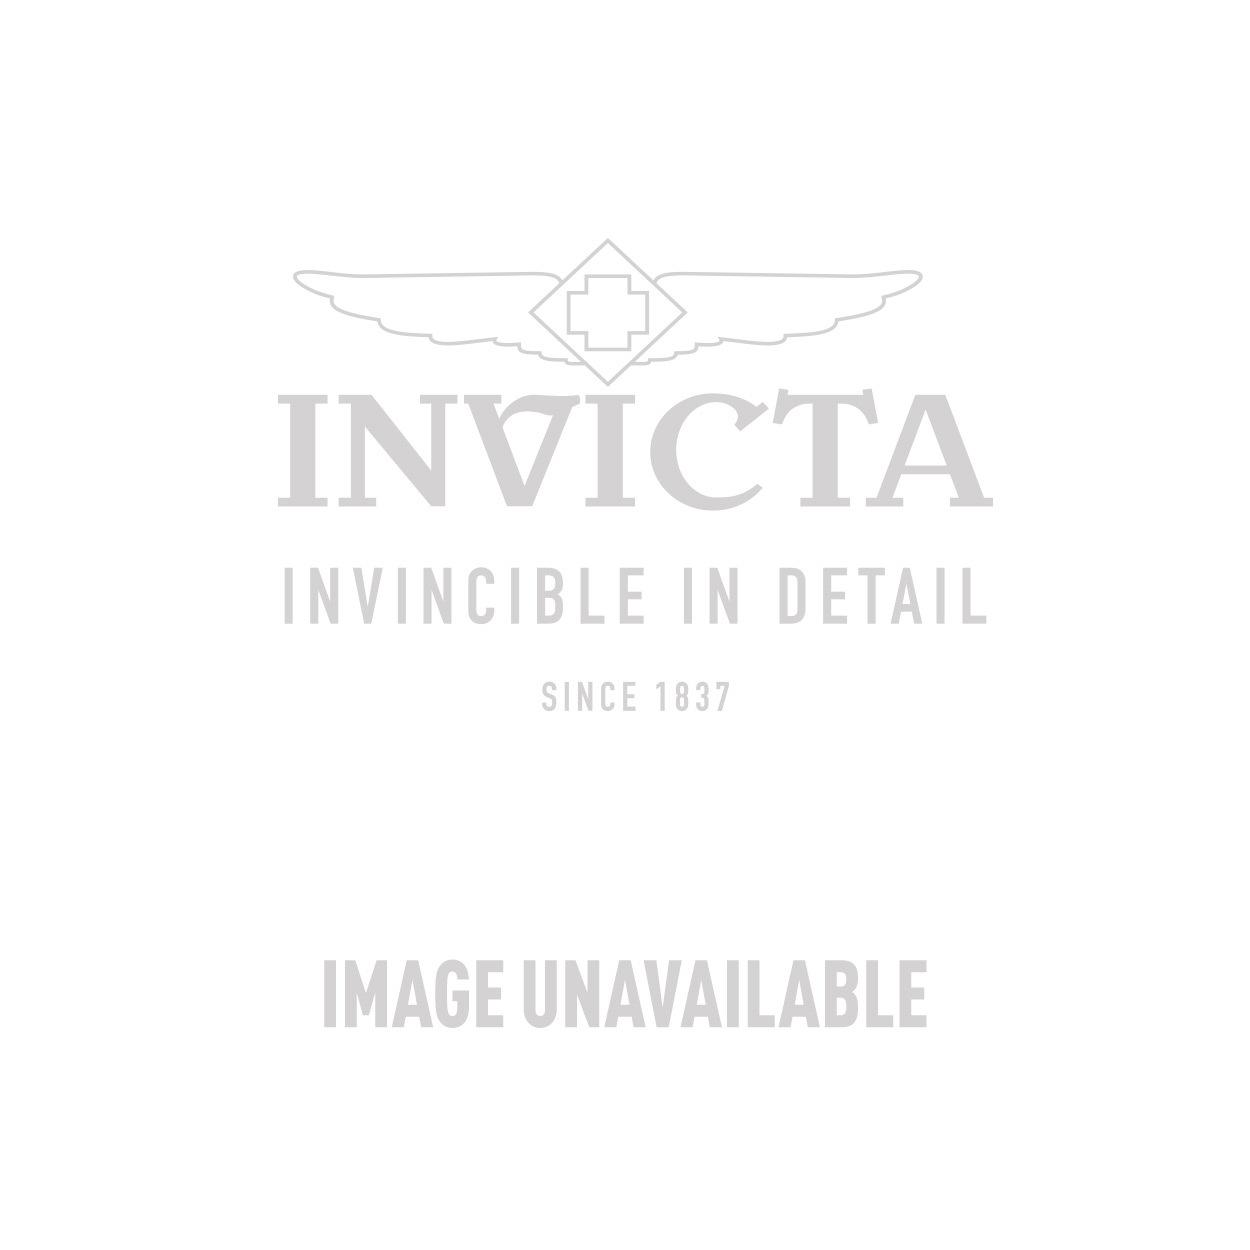 Invicta Model 25574